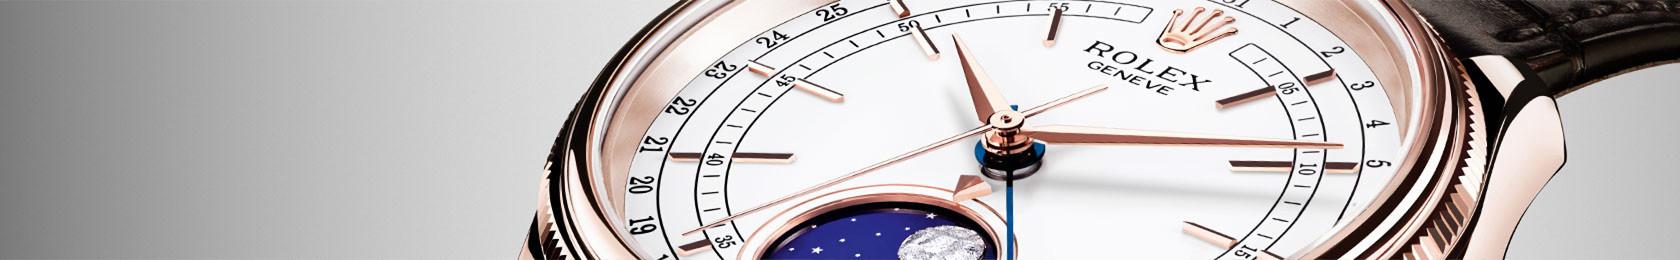 Detailaufnahme eines Zifferblatt einer Rolex Cellini